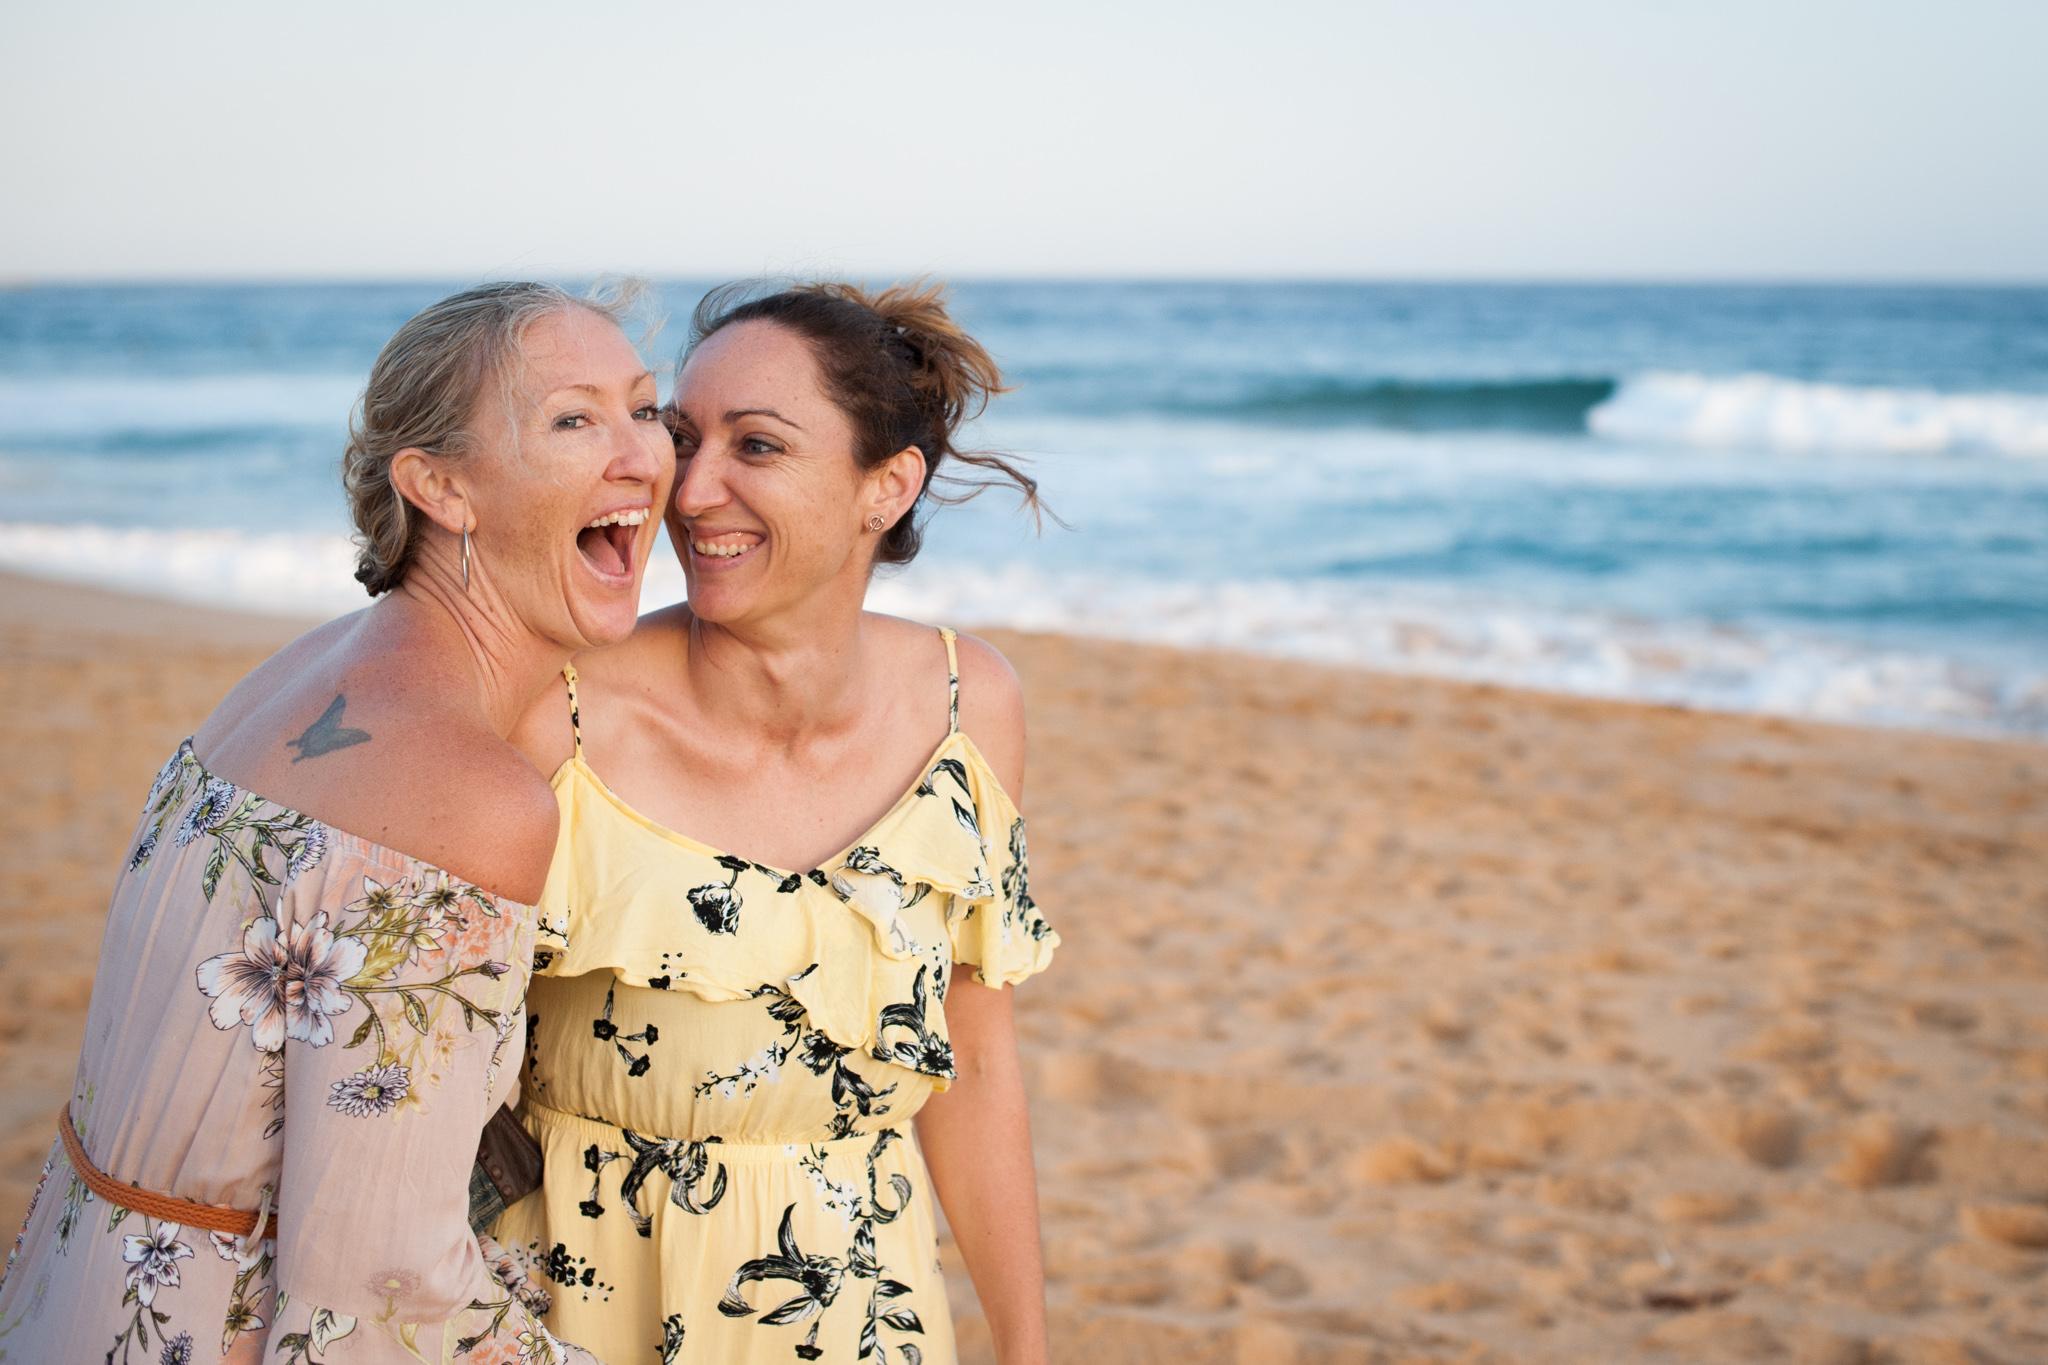 adult sibling beach photos copacabana nsw